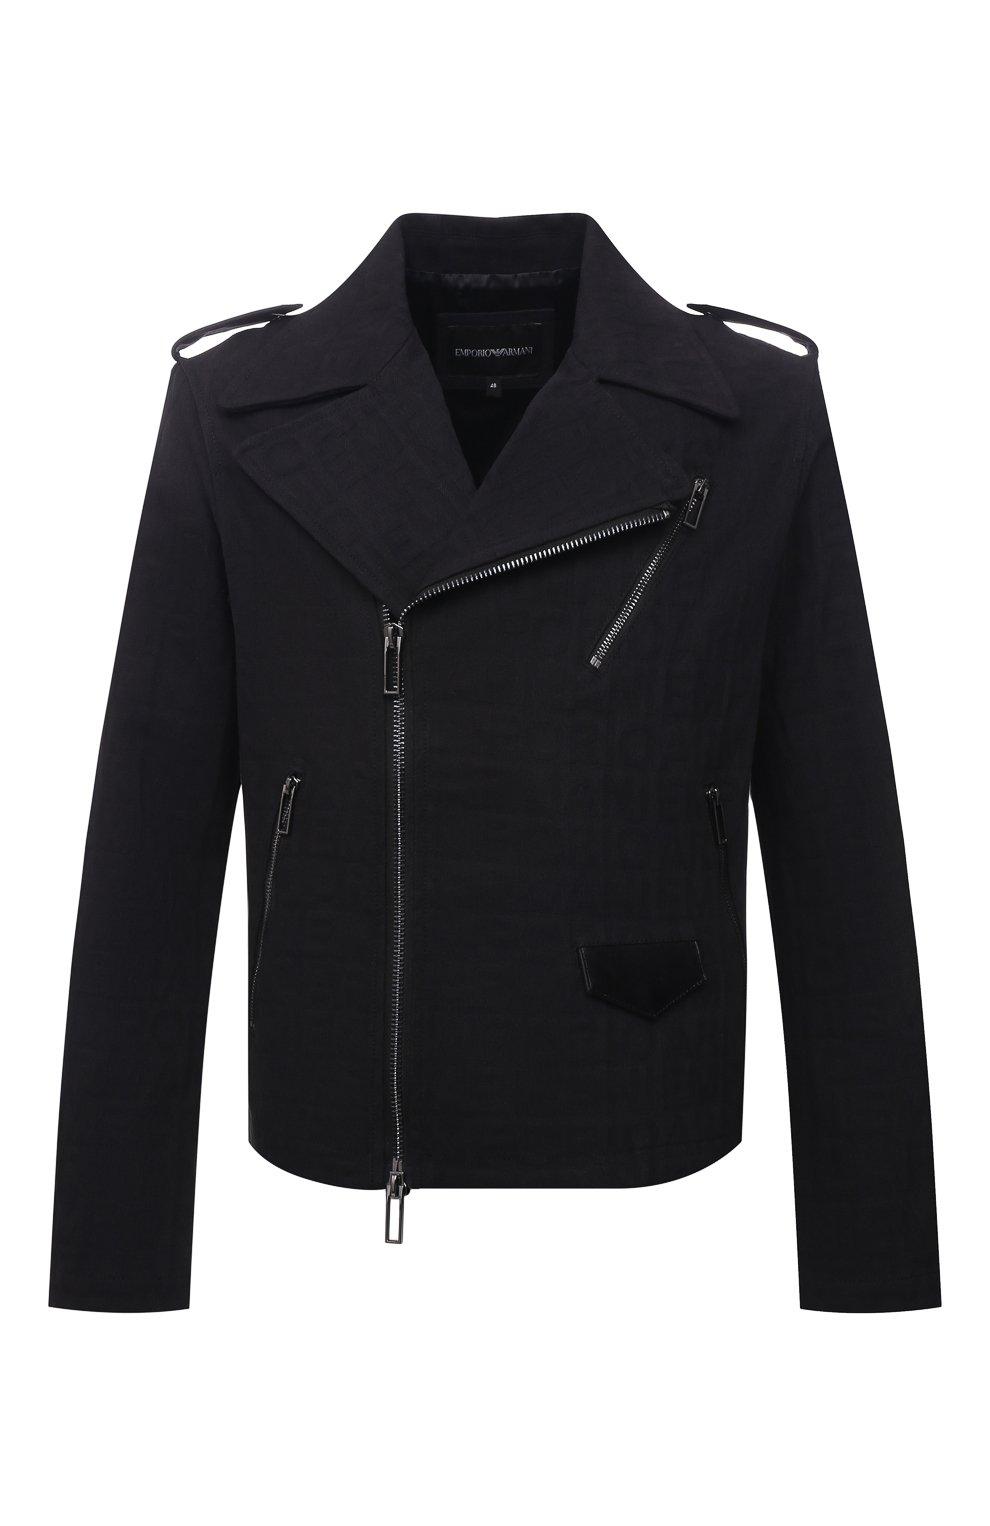 Мужская хлопковая куртка EMPORIO ARMANI черного цвета, арт. 6K1B65/1DE9Z   Фото 1 (Кросс-КТ: Куртка, Ветровка; Рукава: Длинные; Материал внешний: Хлопок; Материал подклада: Синтетический материал; Длина (верхняя одежда): Короткие; Стили: Кэжуэл)